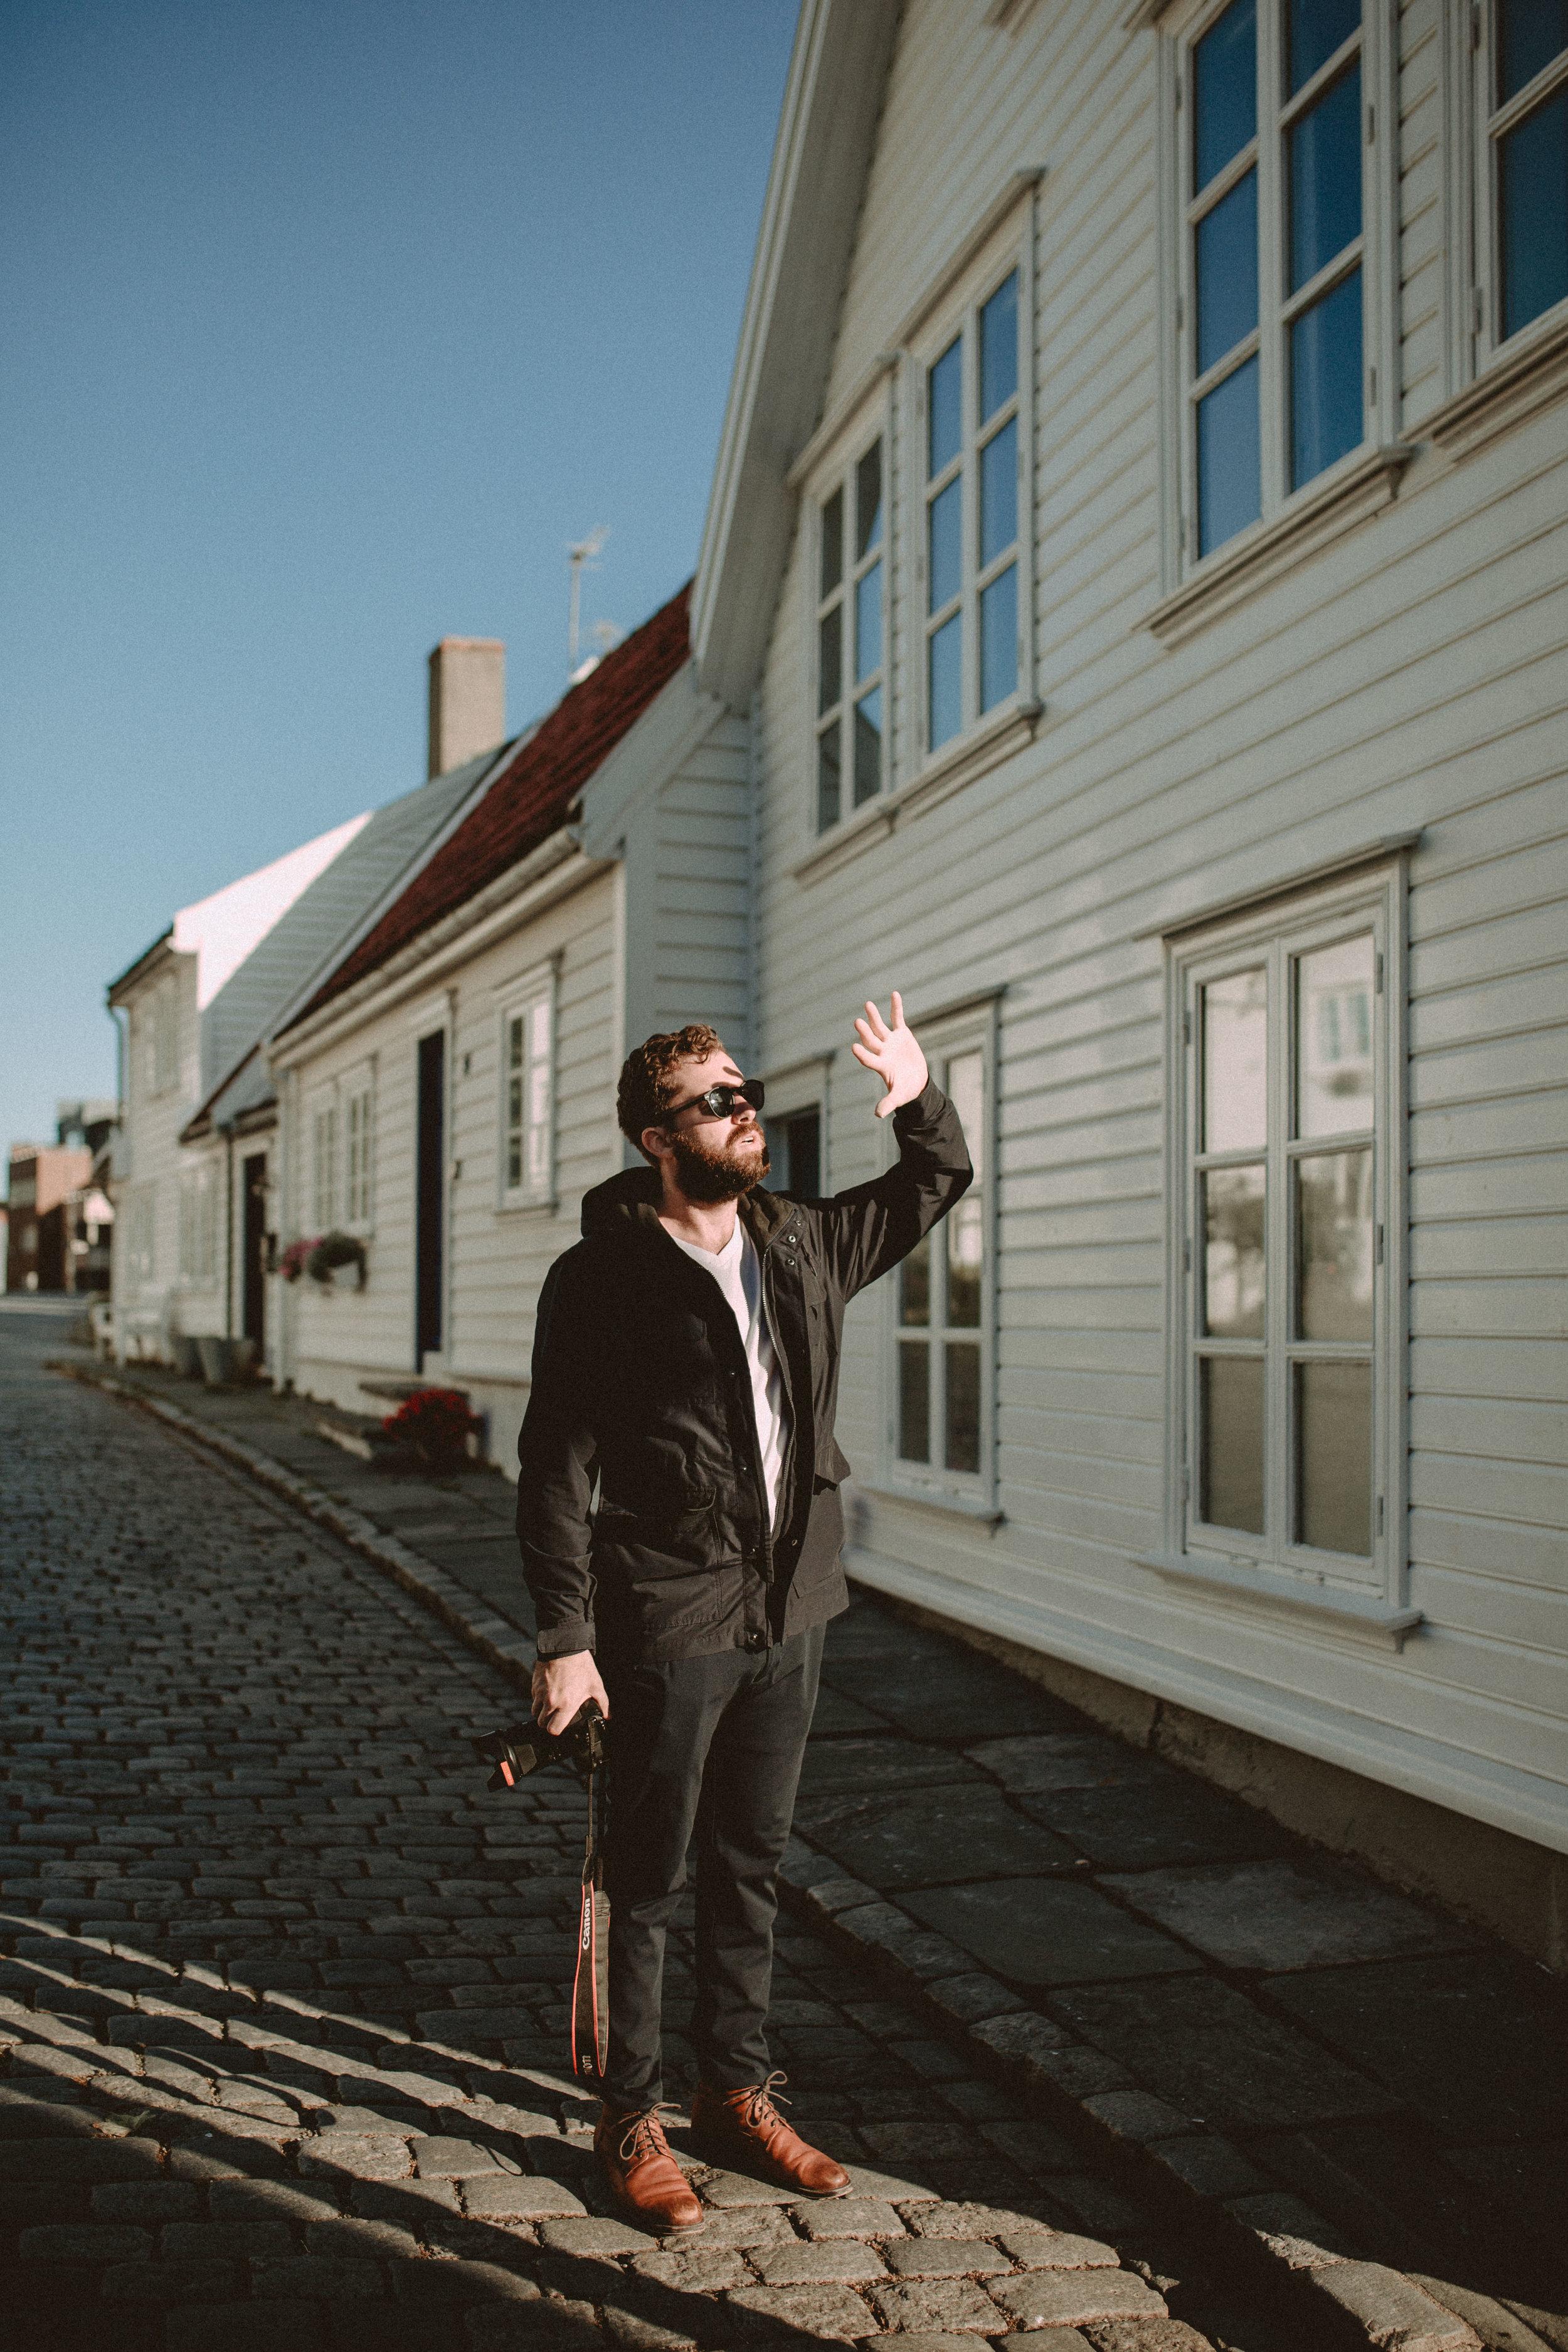 Stavanger_2017_09_02_030643-_CMB.jpg